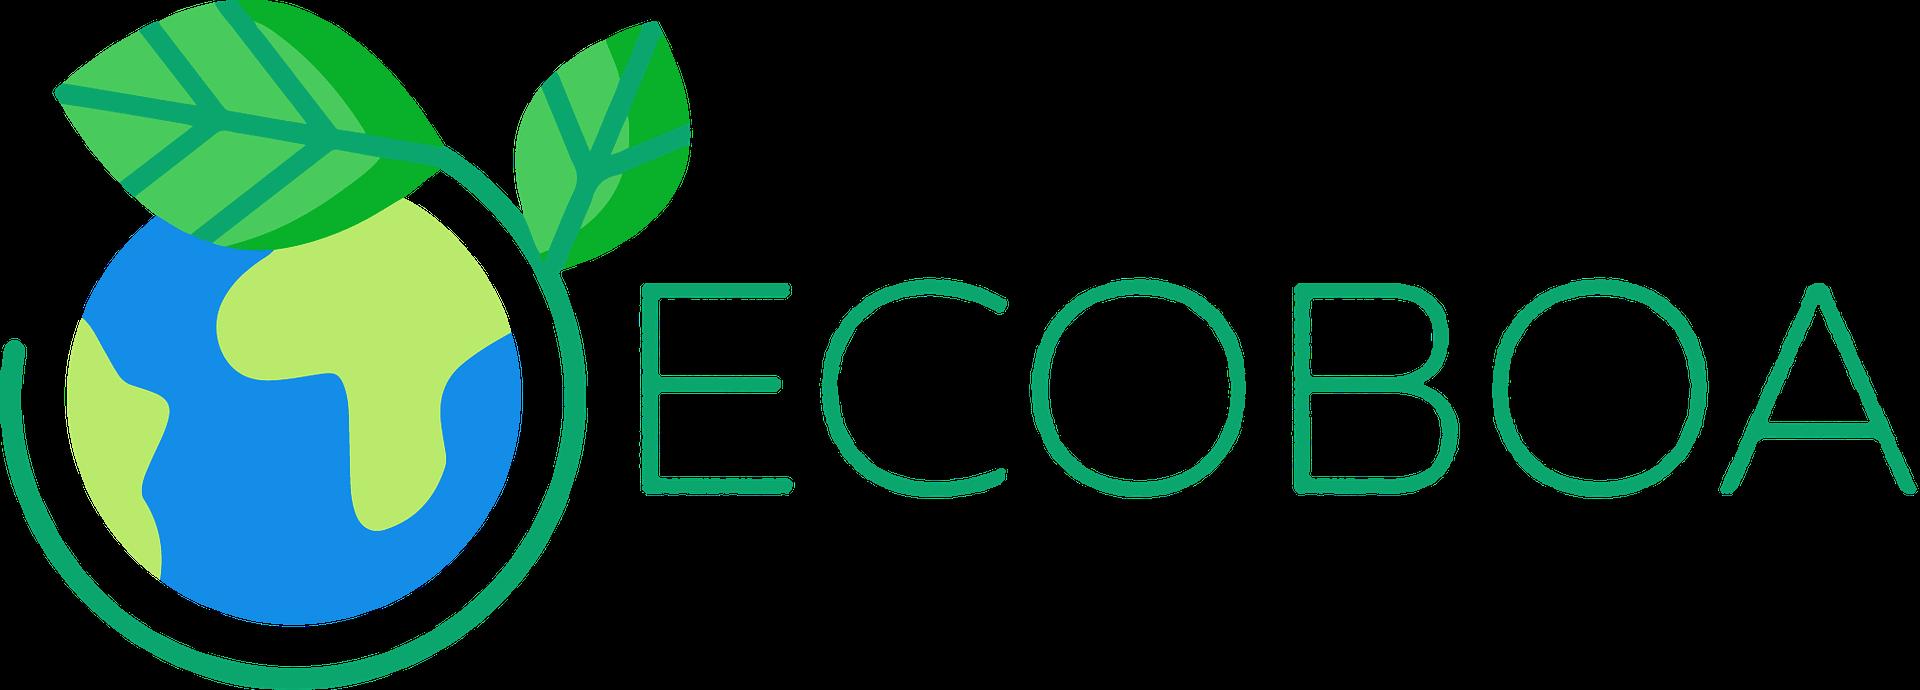 Ecoboa